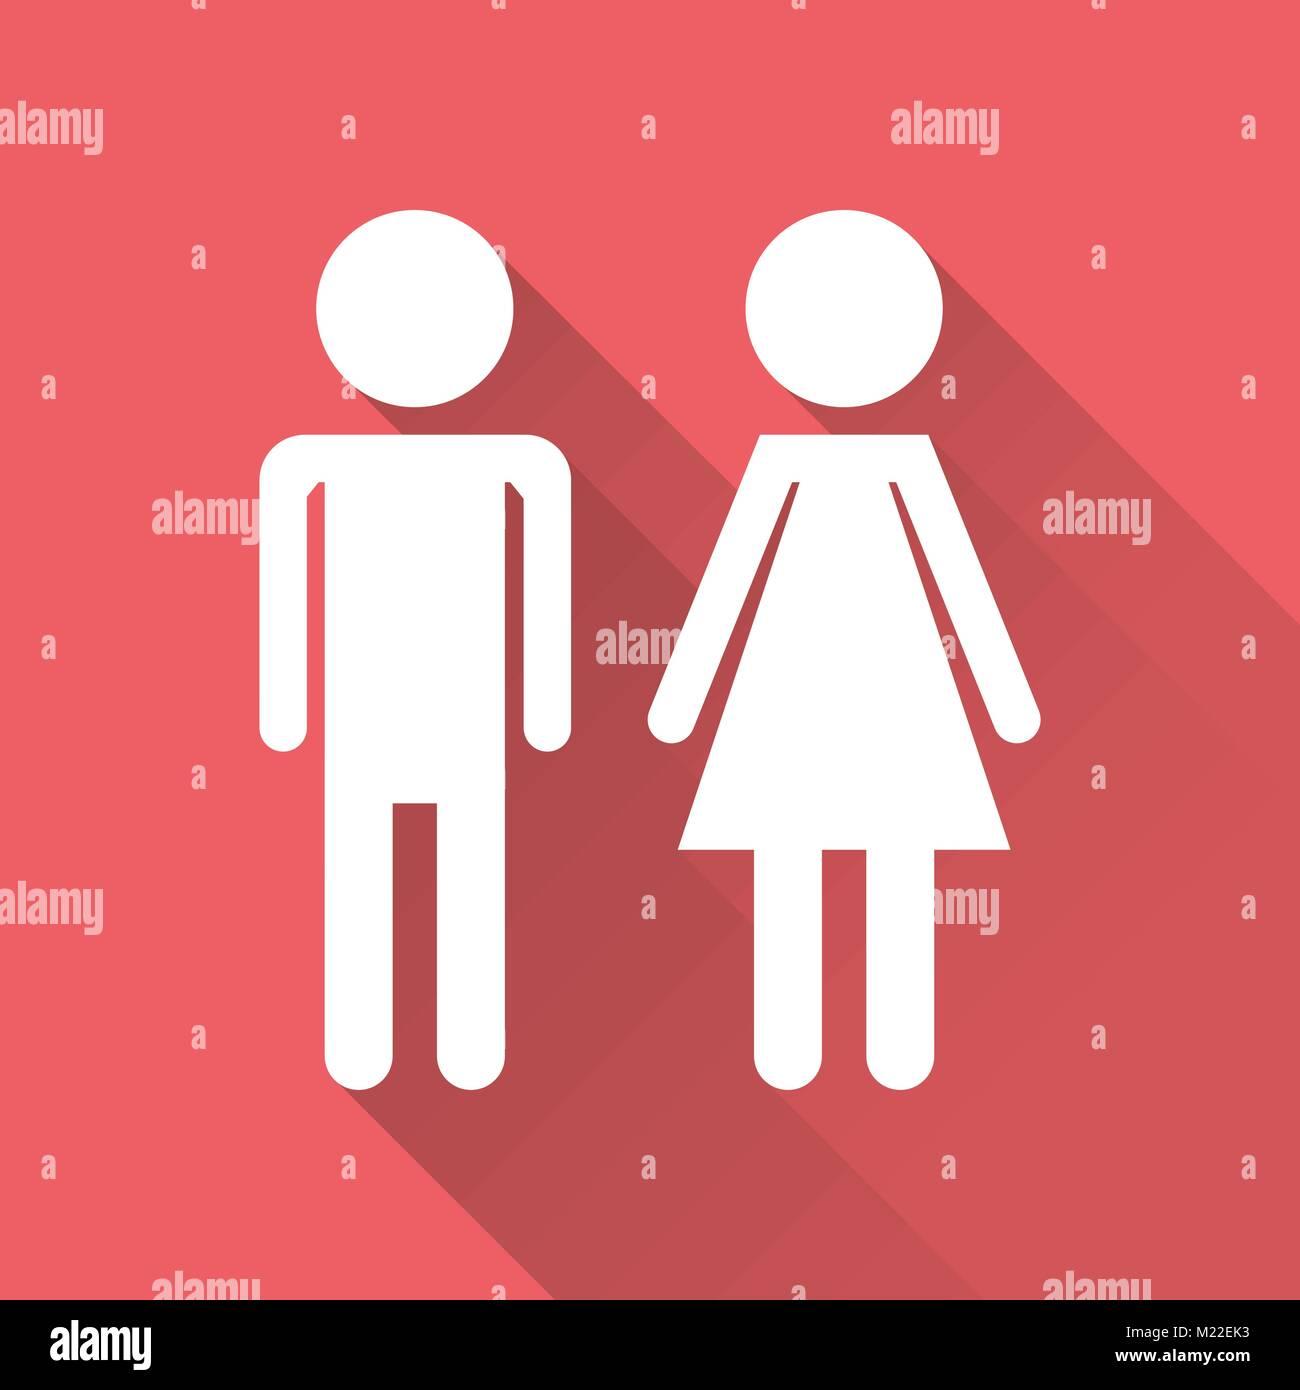 Hombre Y Mujer Vector Icono Con Larga Sombra Piso Moderno